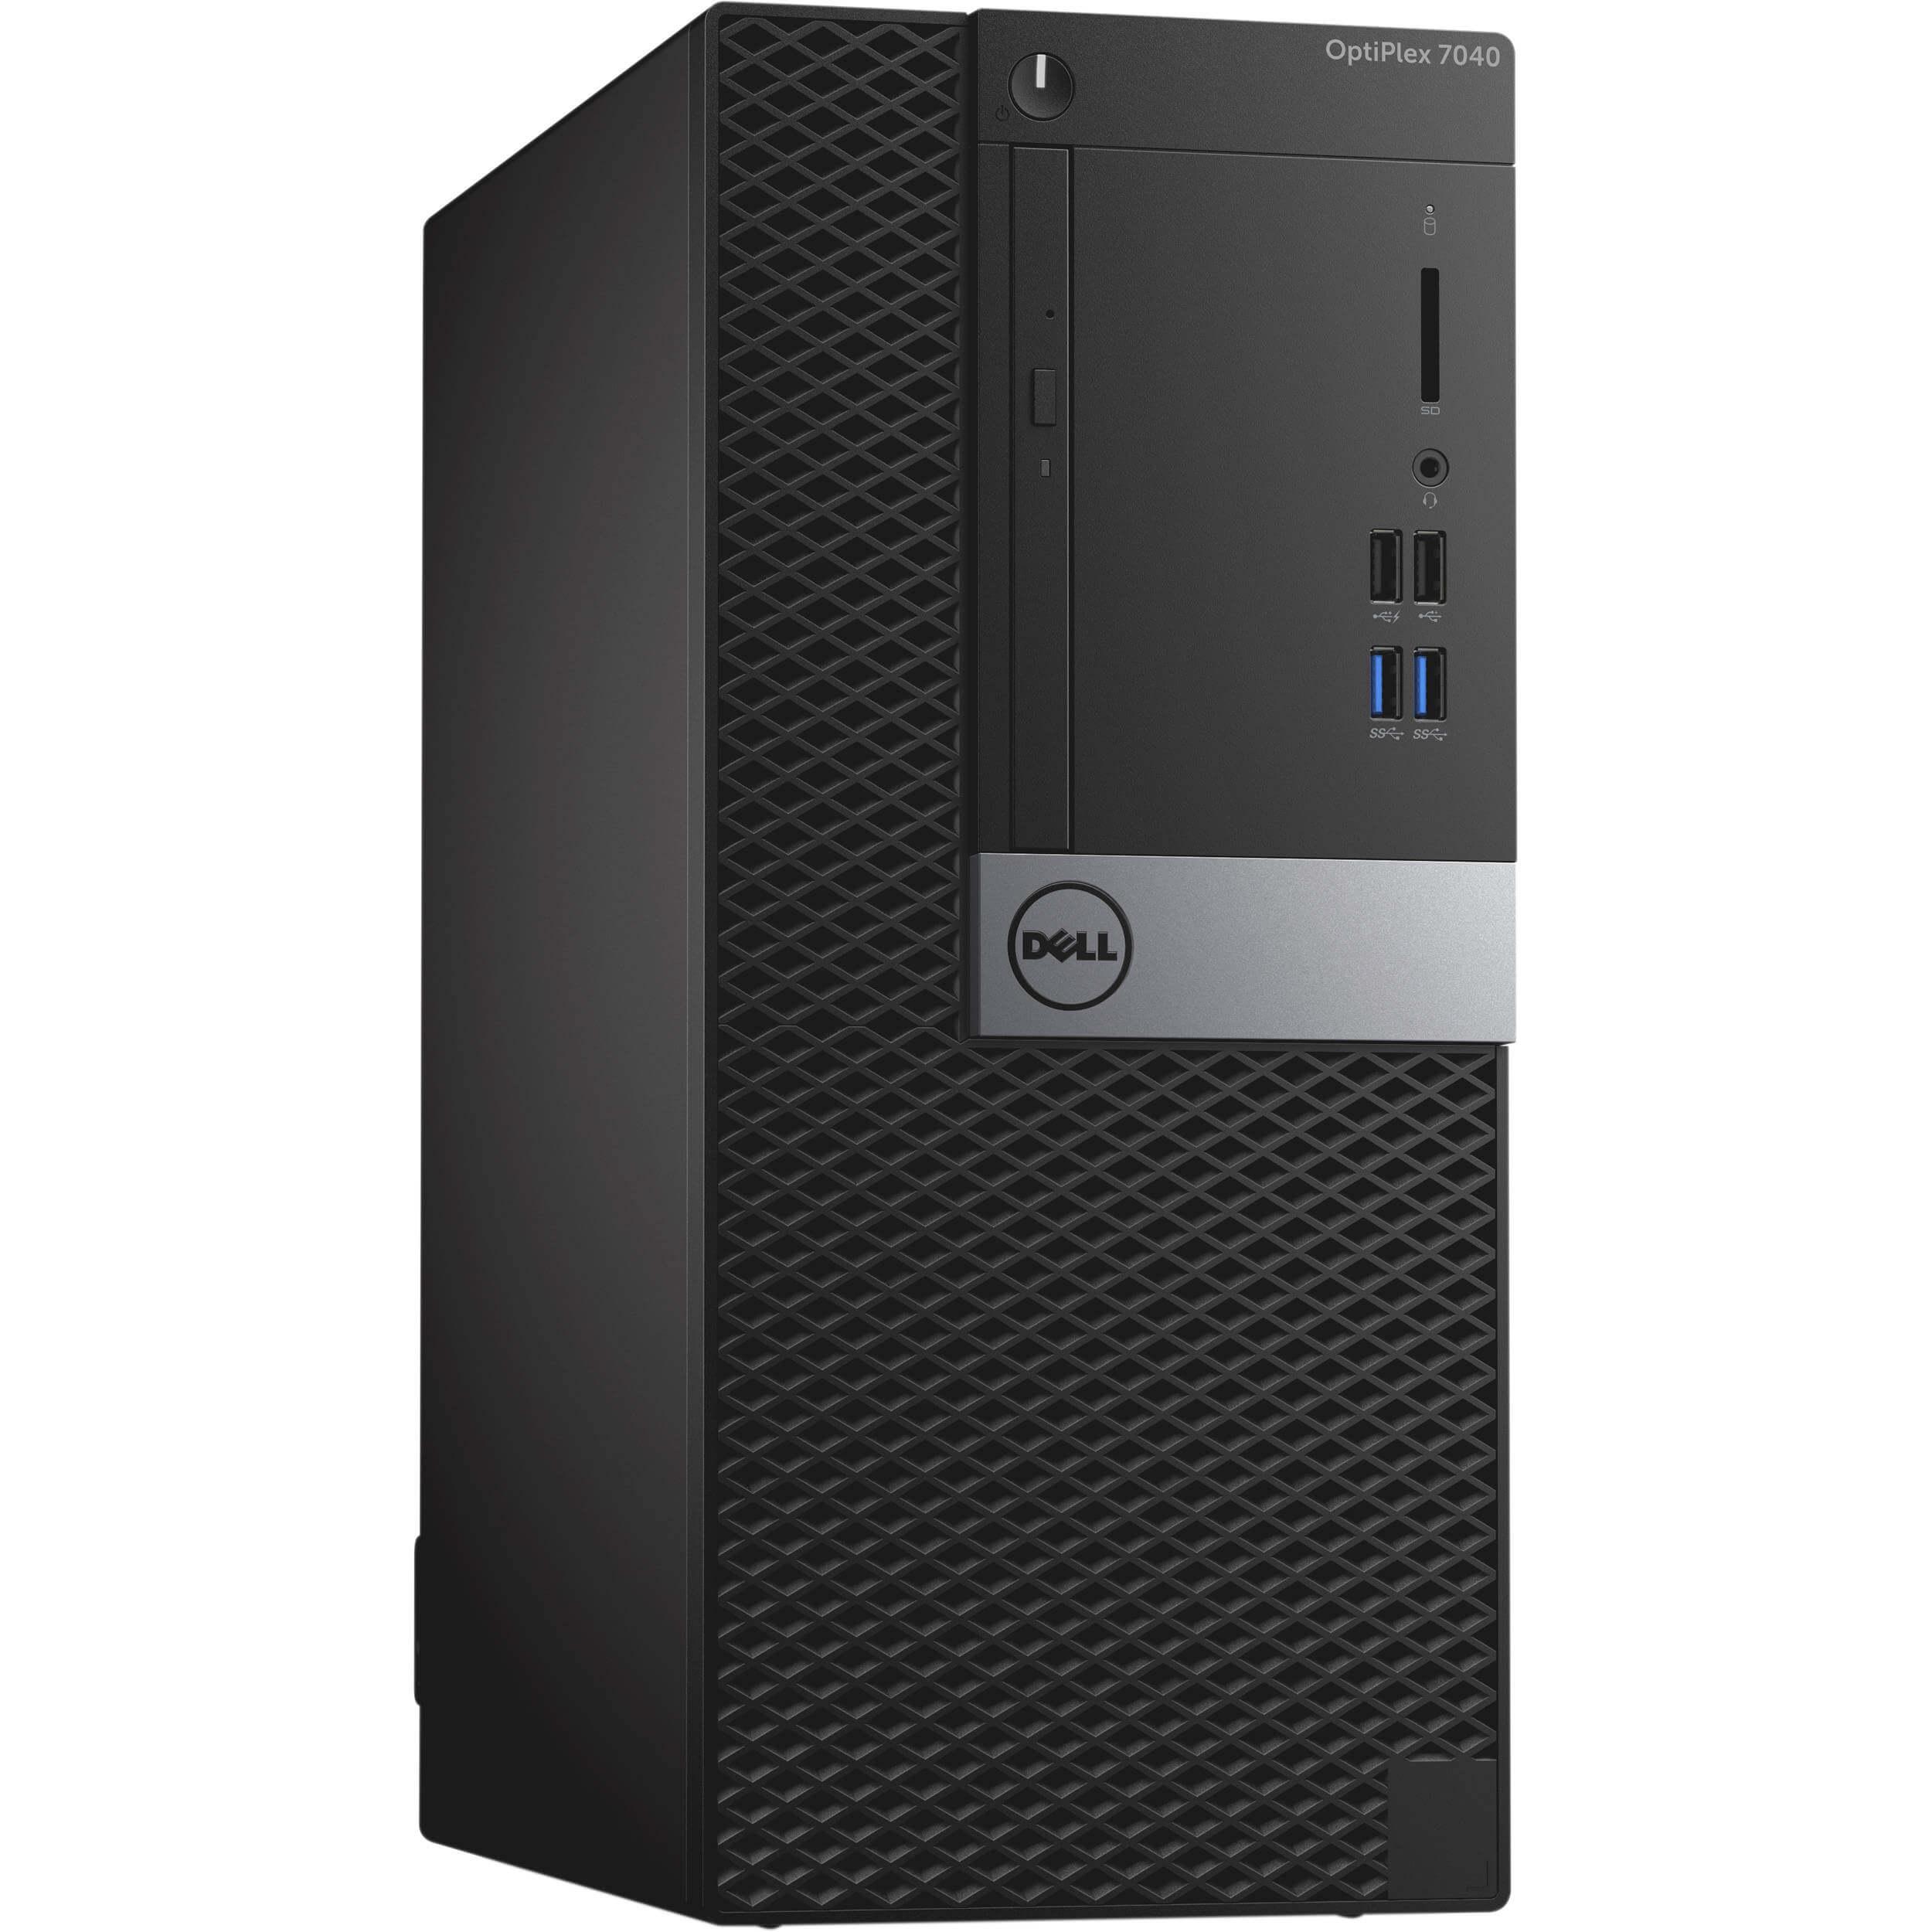 DELL 7040 MINI TOWER I5-6500 3.2 / 16384 MB DDR4 / 240 GB SSD NOVE + 500 GB / DVD-RW / WINDOWS 10 PRO / GEFORCE GTX 1050TI 4GB